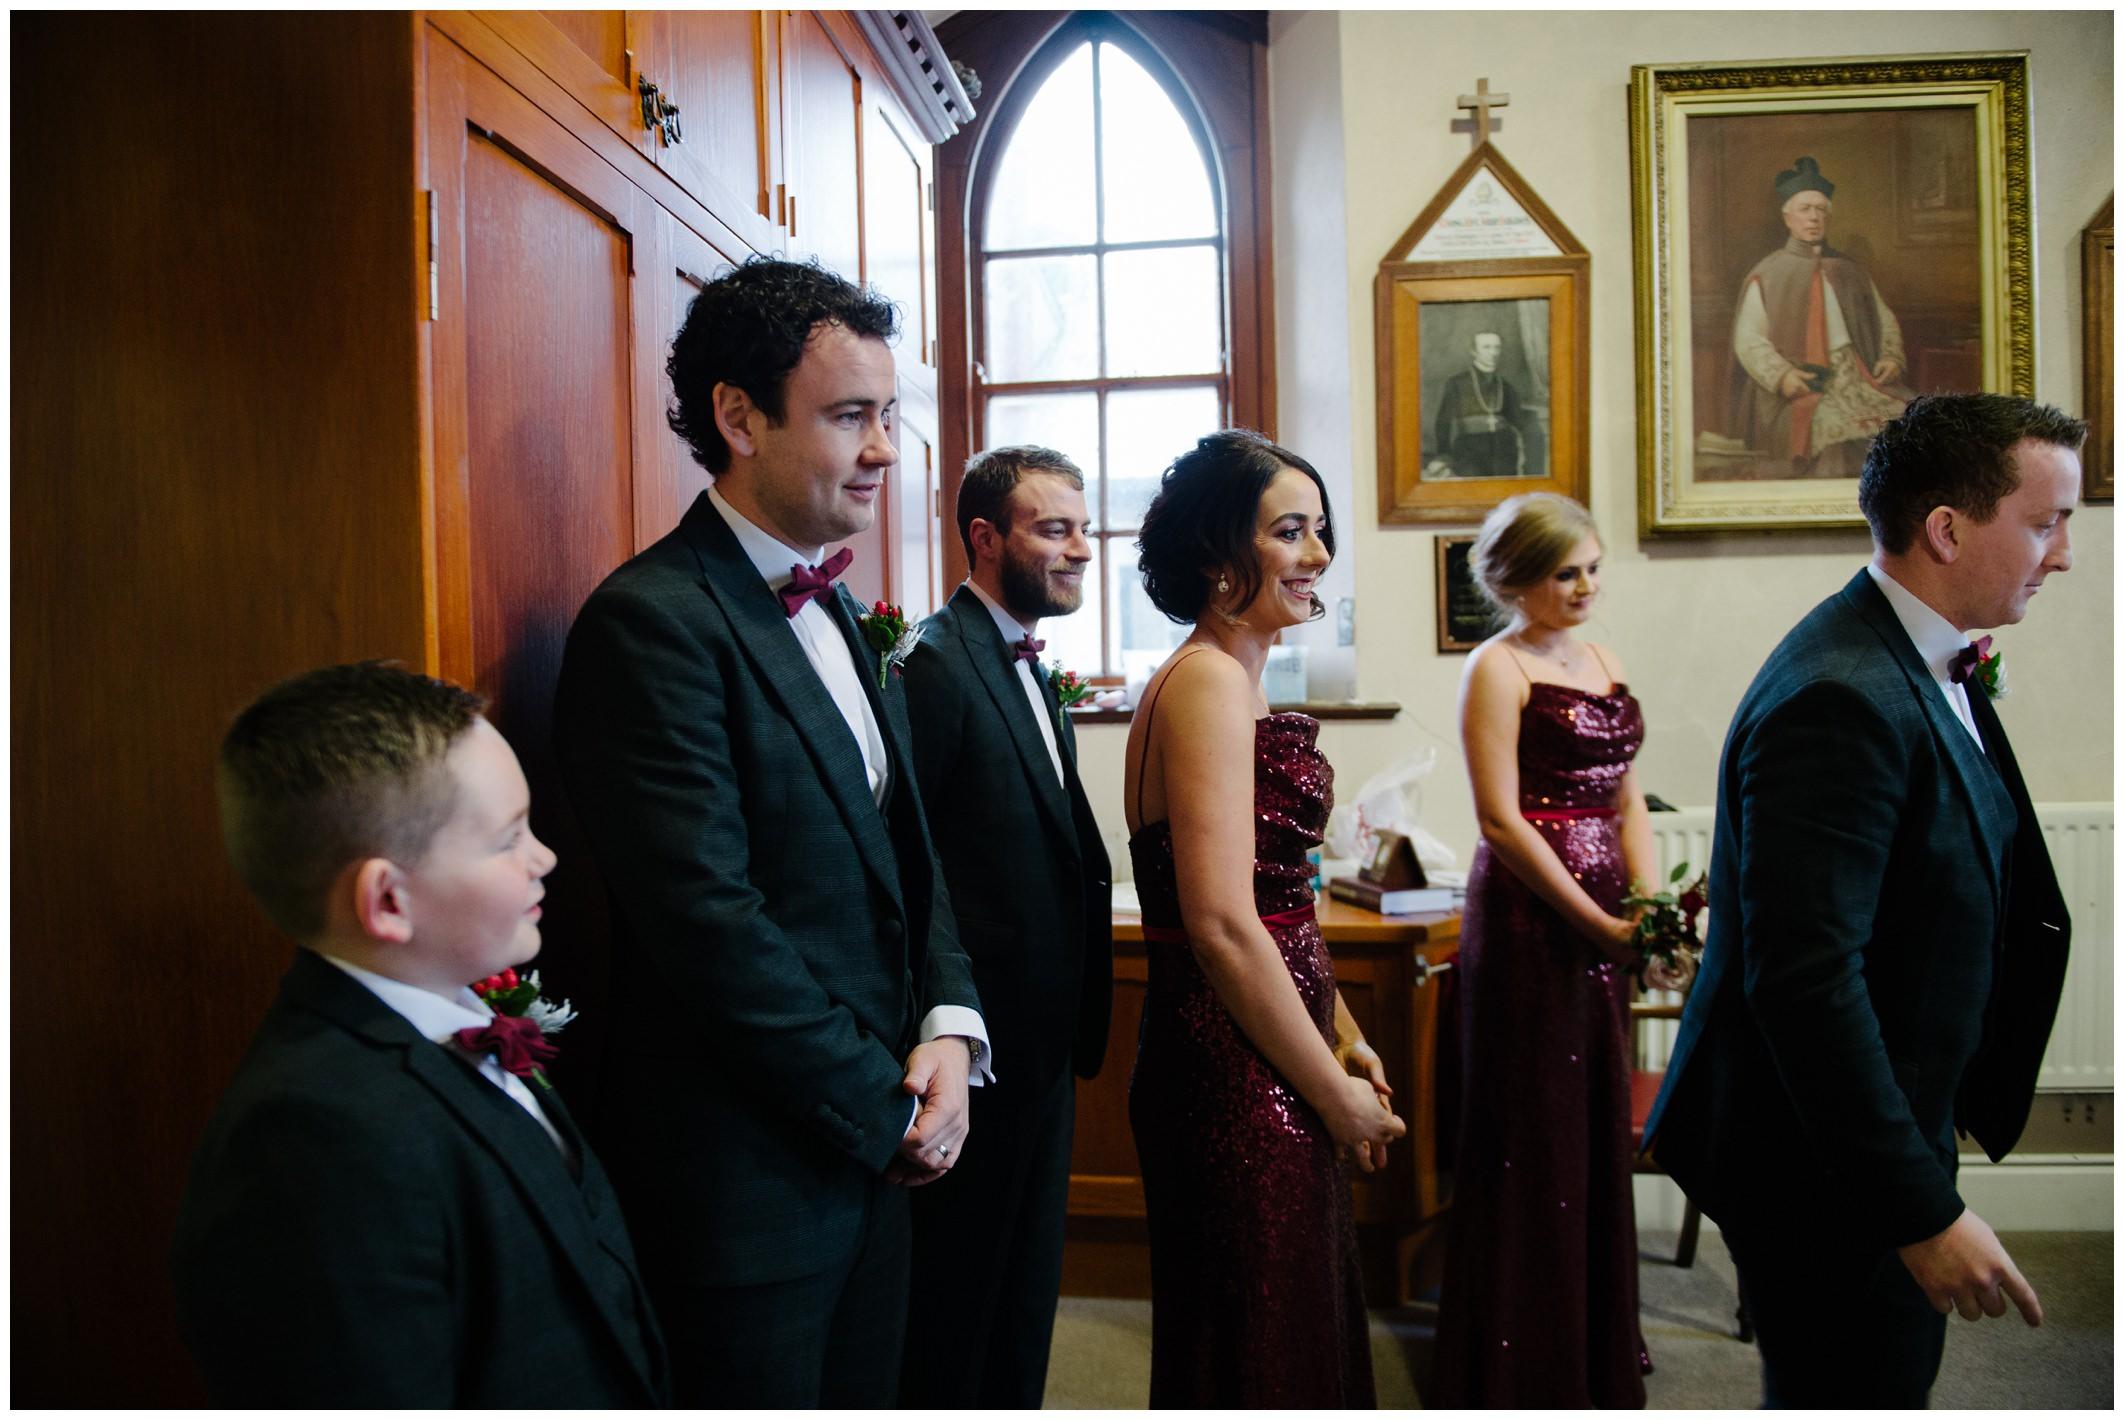 silver_tassie_wedding_jude_browne_photography_0045.jpg